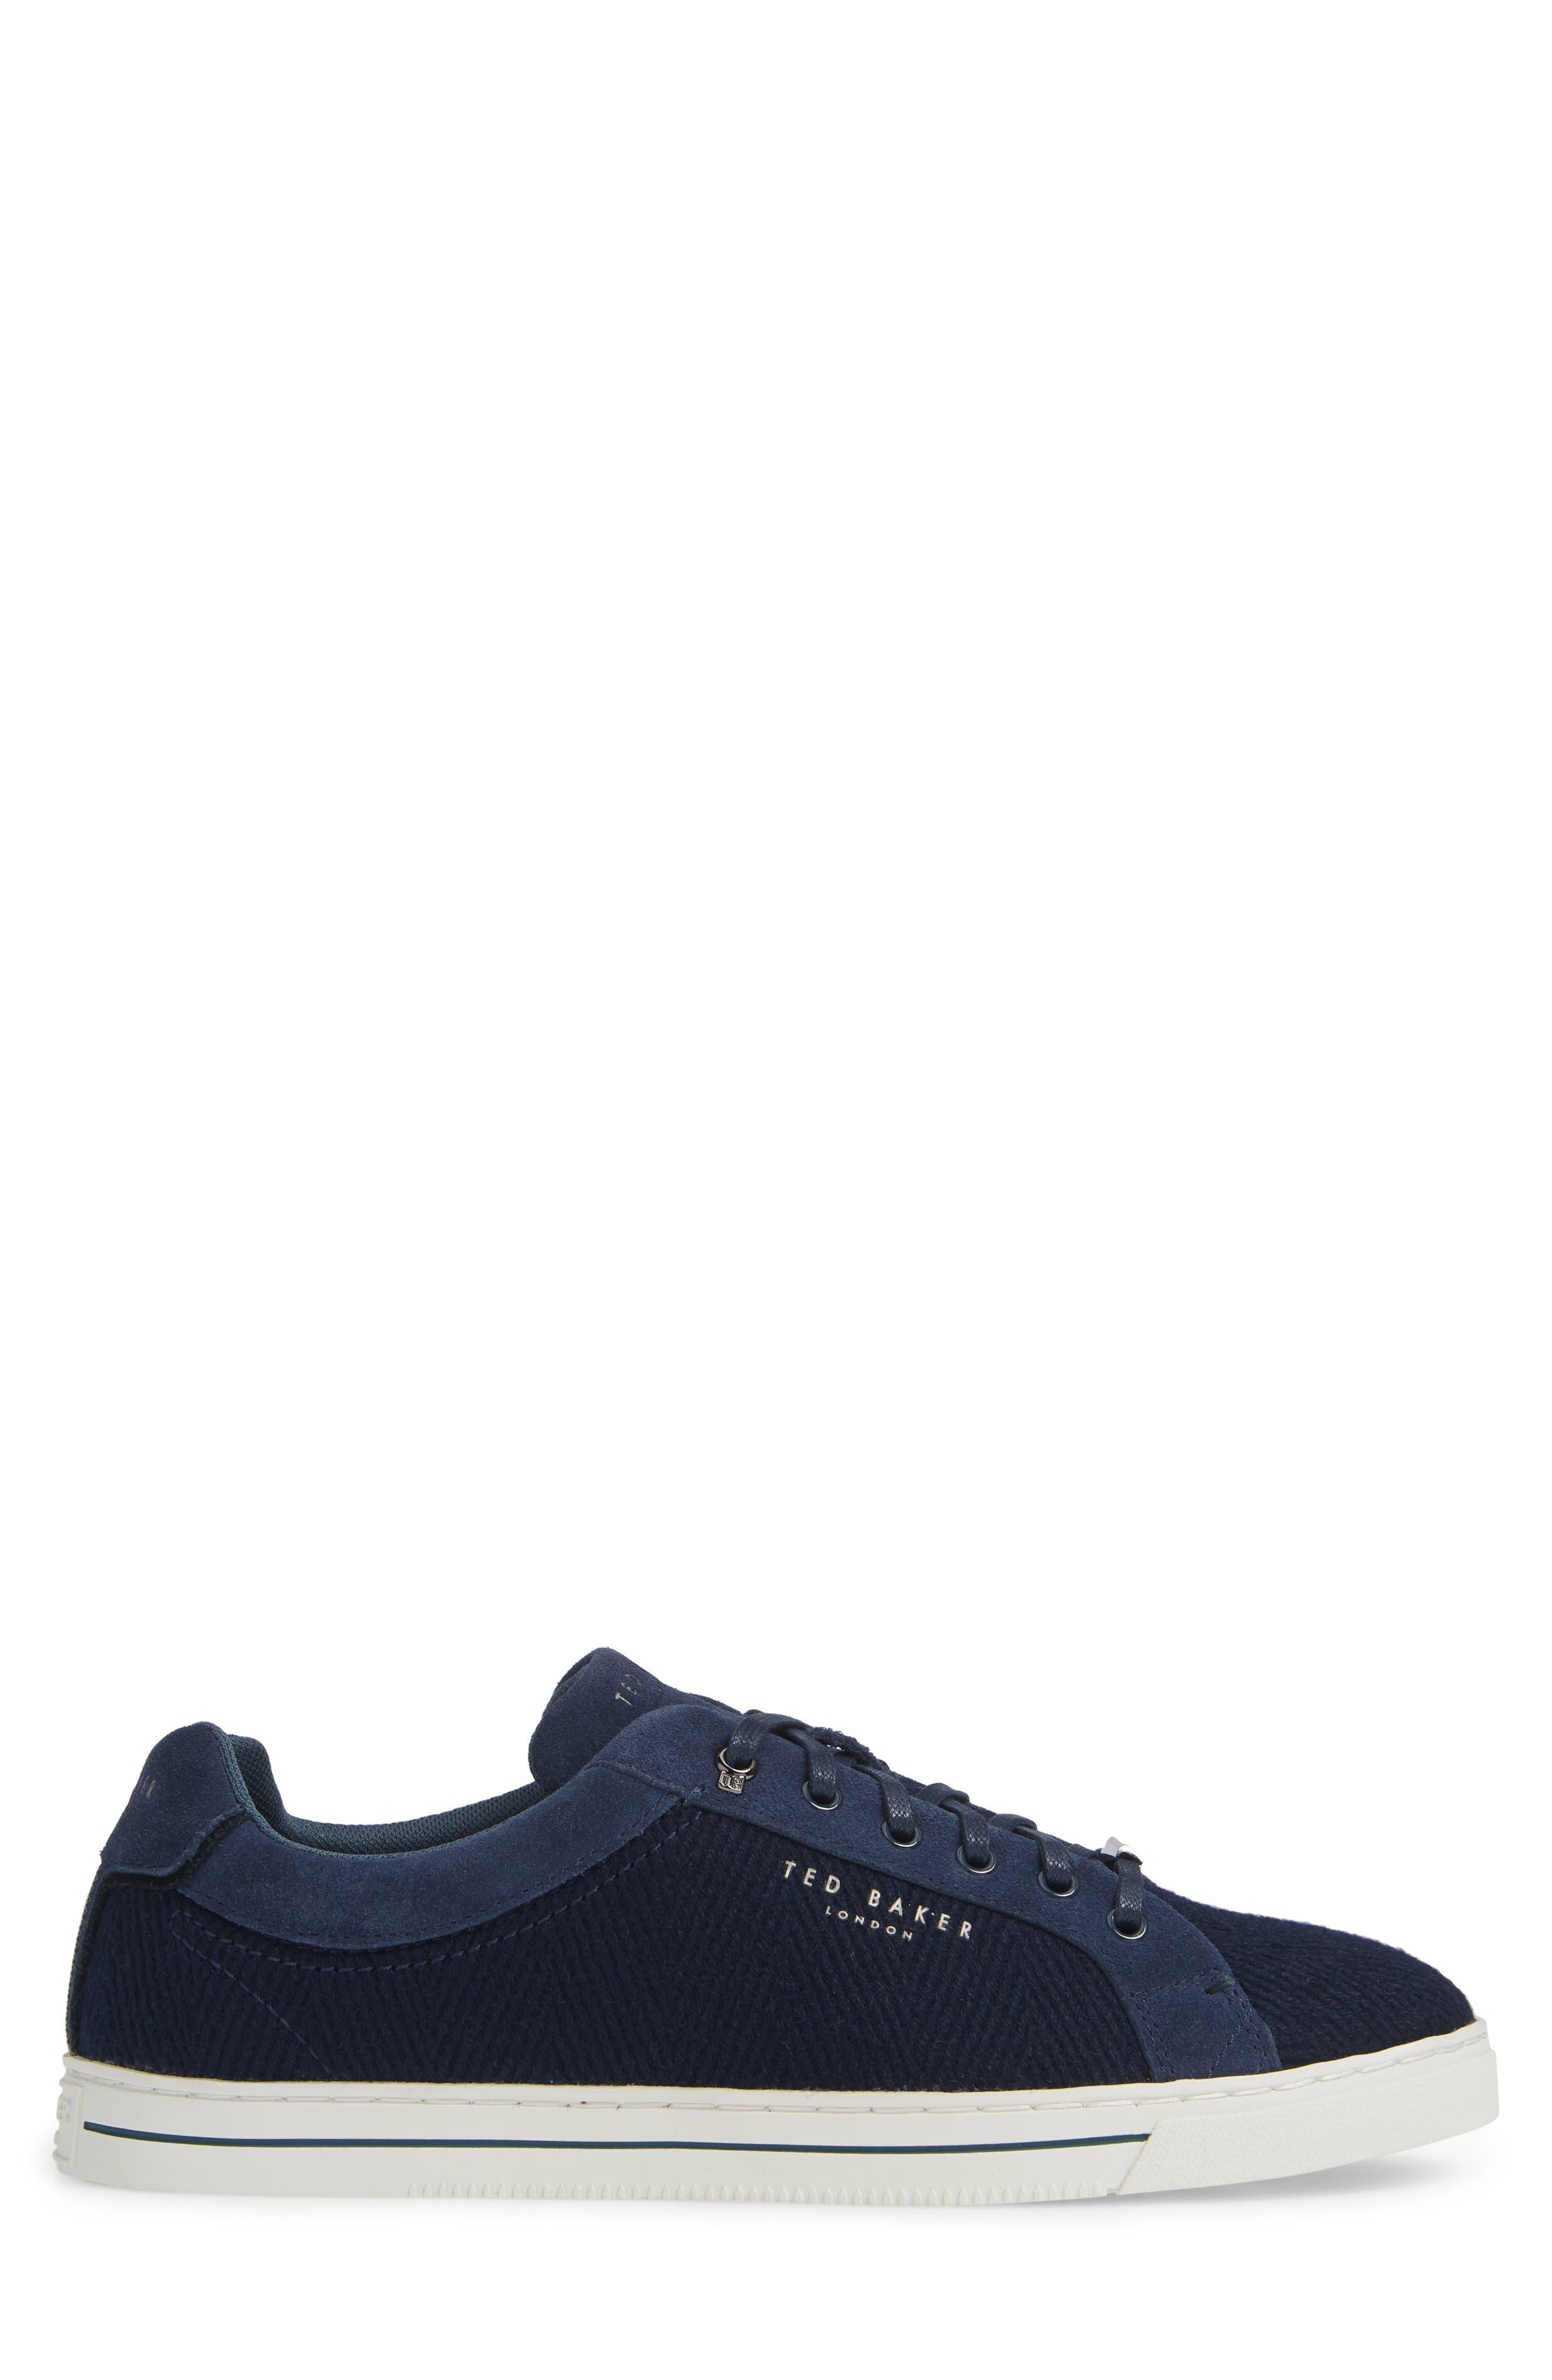 TED BAKER LONDON, Werill Sneaker, Alternate thumbnail 3, color, DARK BLUE WOOL